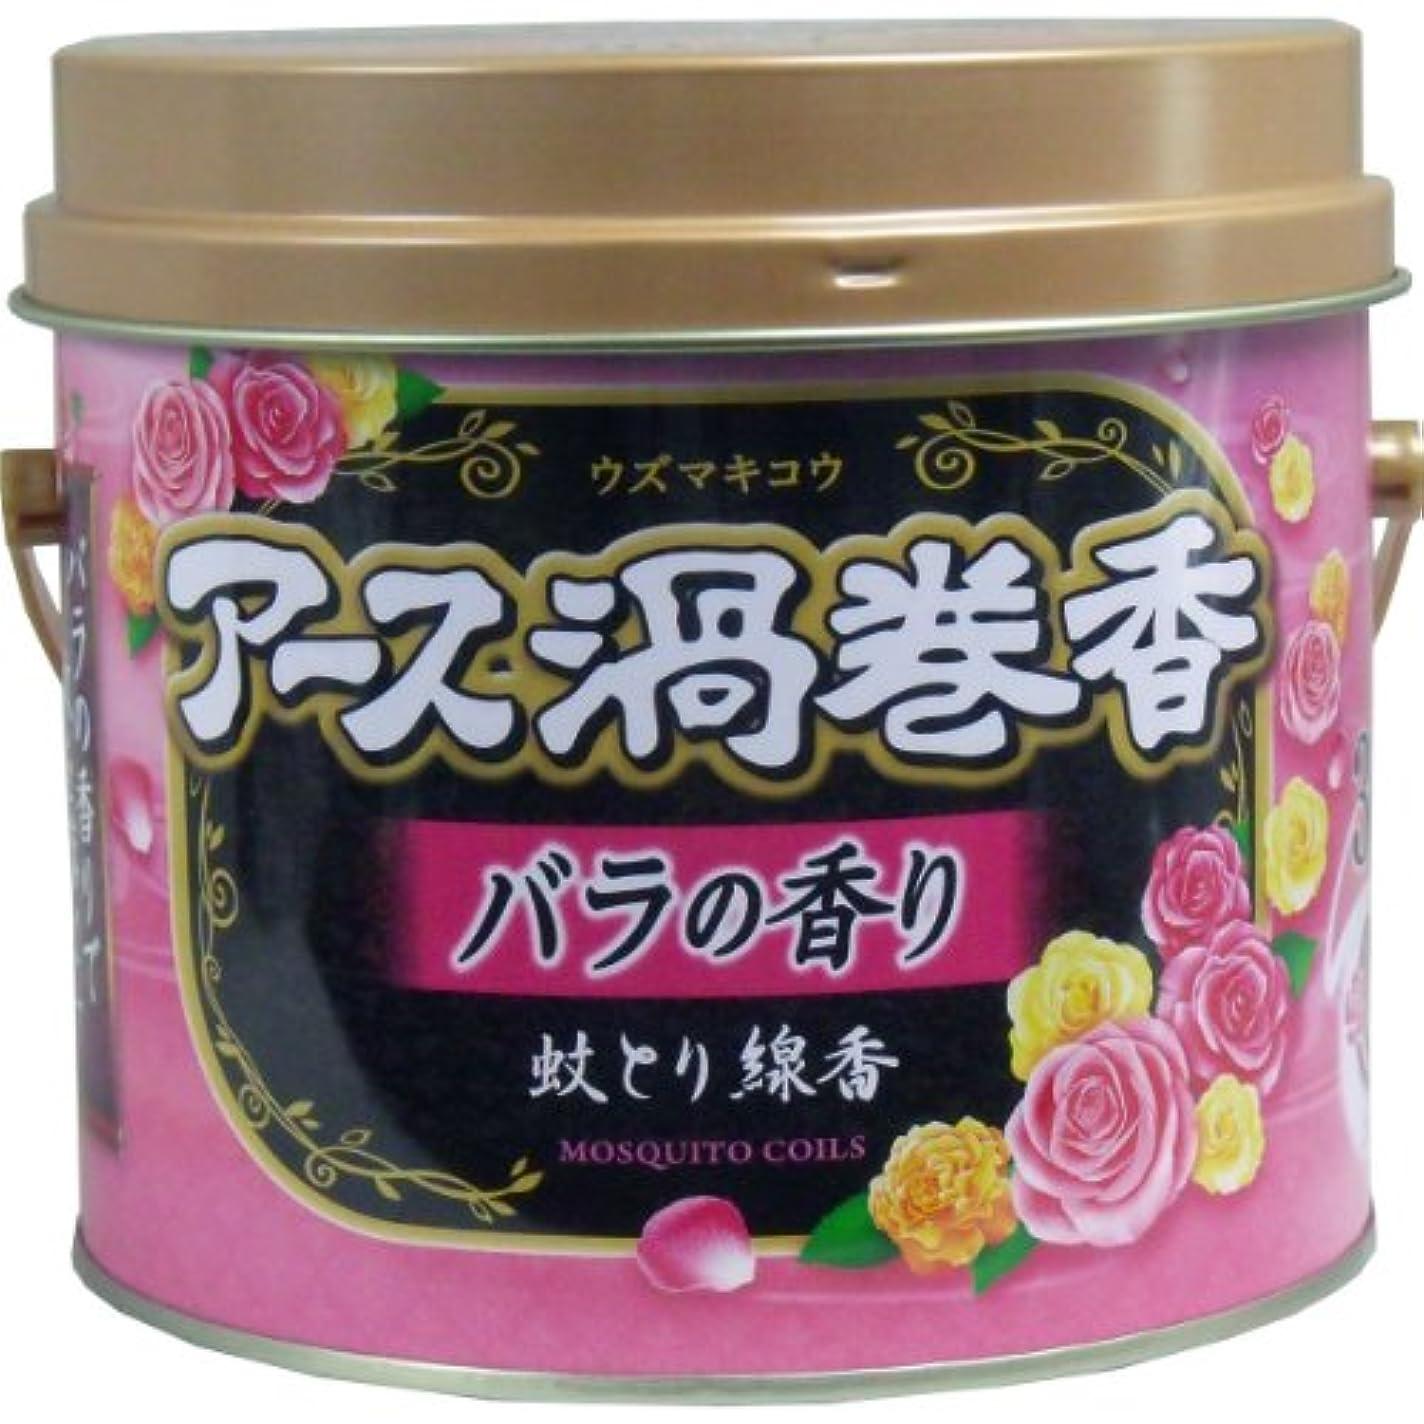 眠っているリーン複雑アース渦巻香 蚊とり線香 バラの香り 30巻3個セット